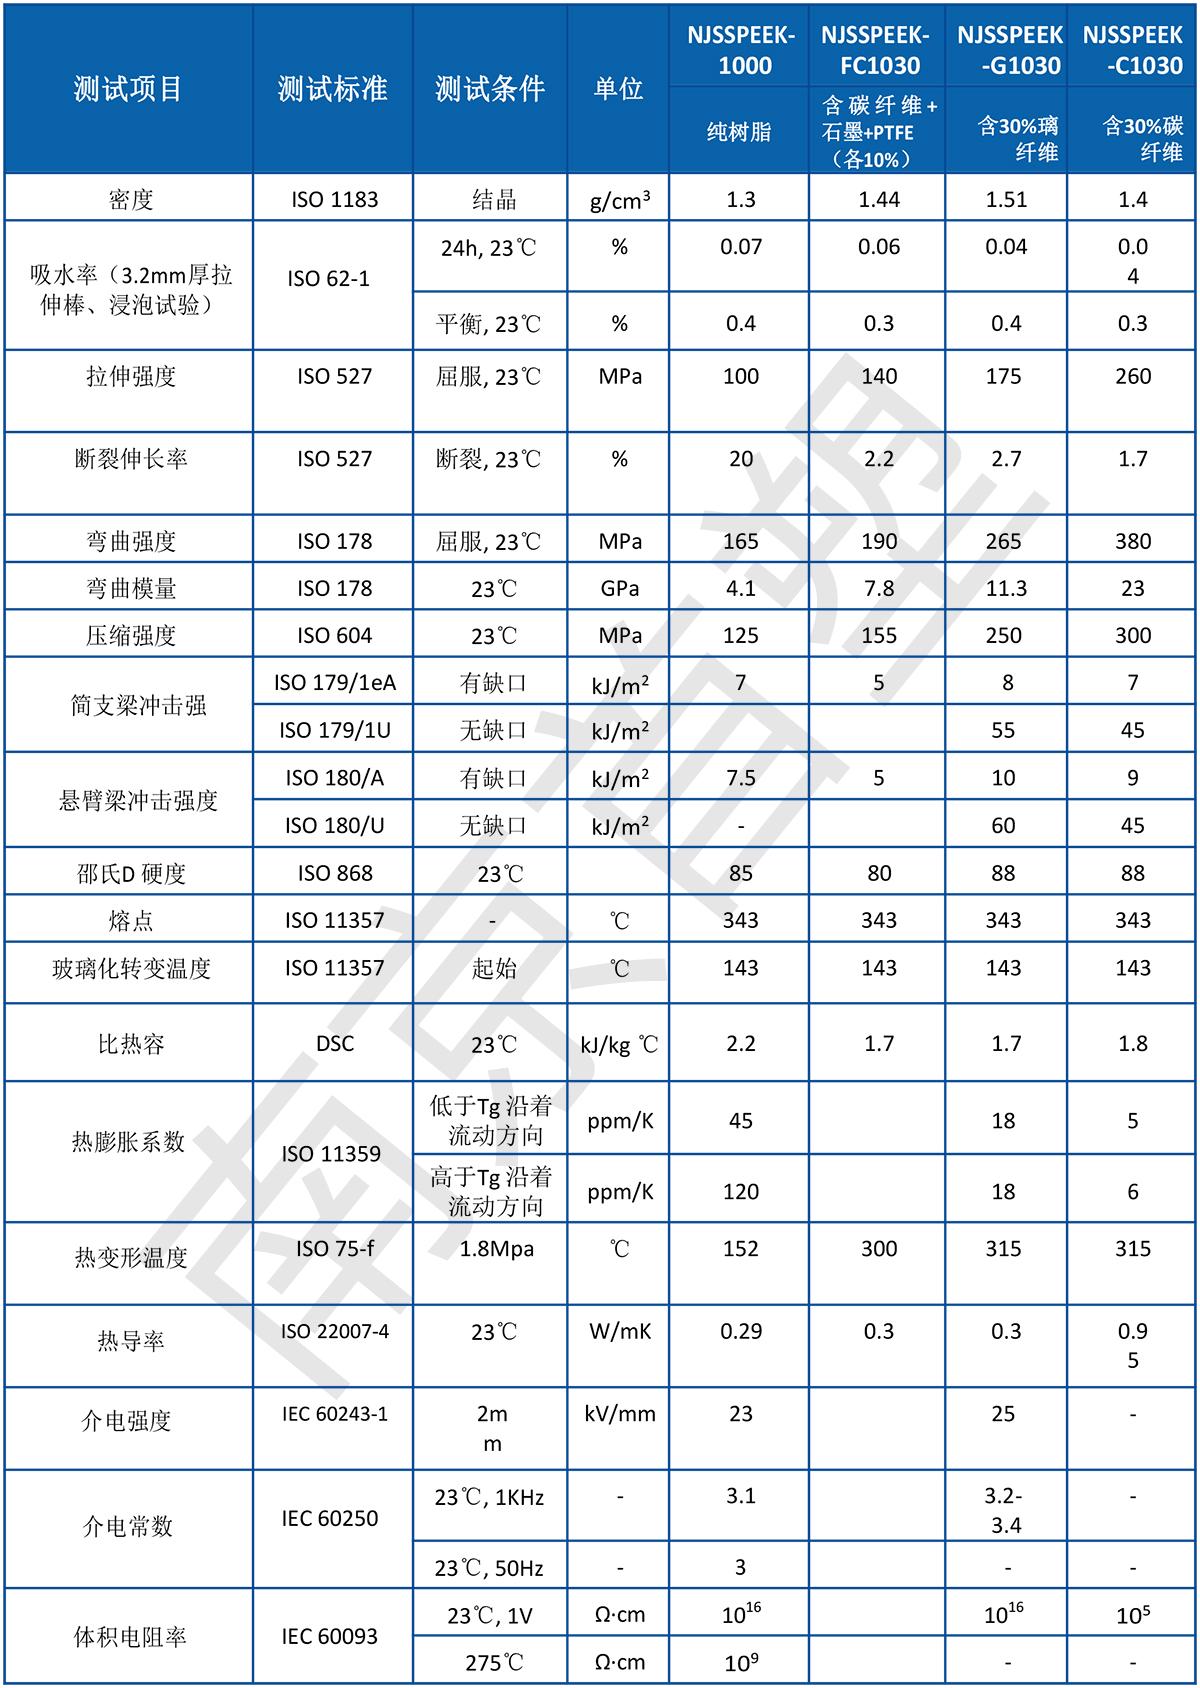 南京首塑-聚醚醚酮PEEK标准物性表